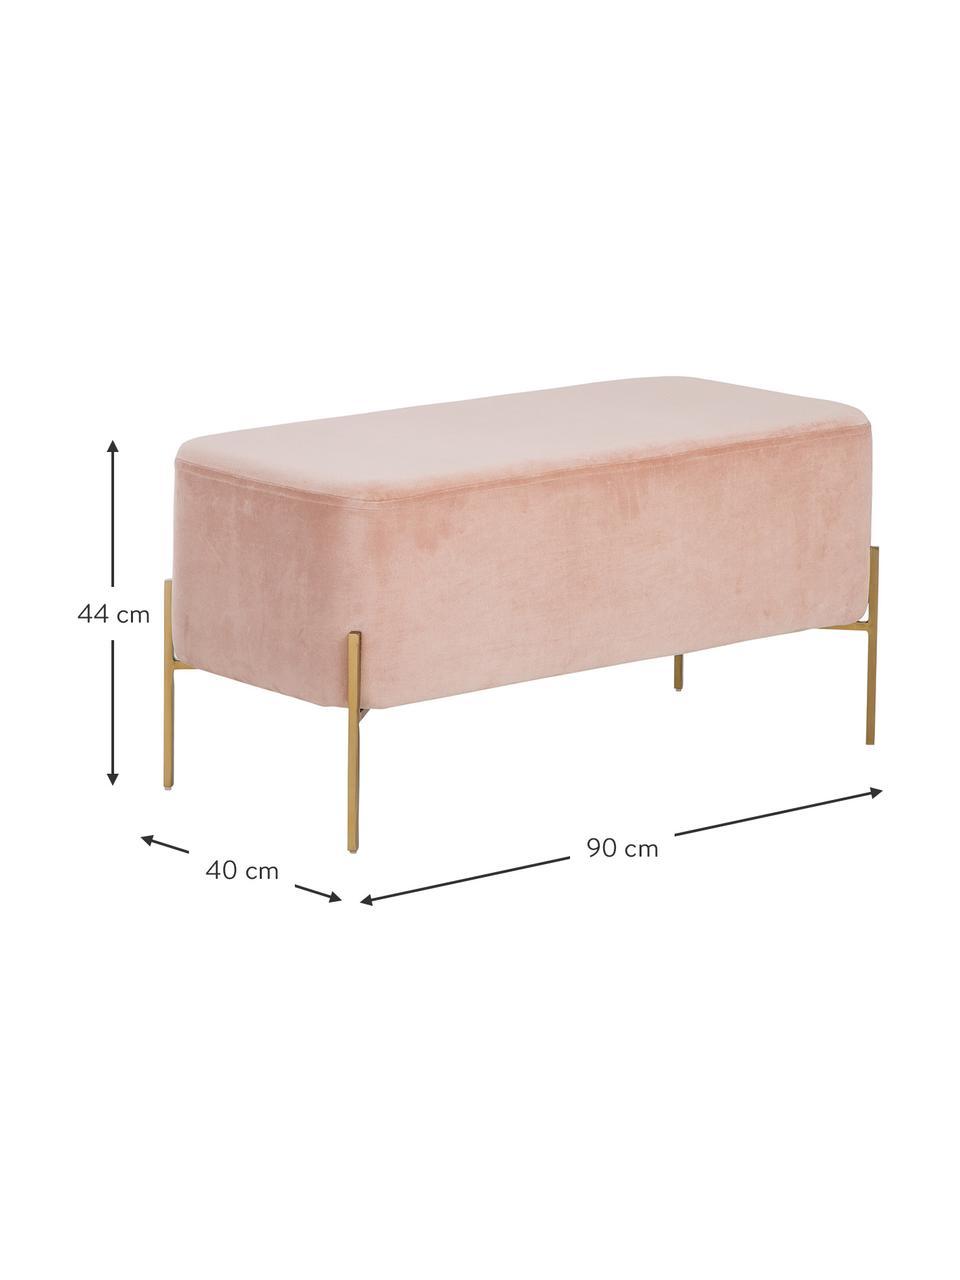 Samt-Polsterbank Harper, Bezug: Baumwollsamt, Fuß: Metall, pulverbeschichtet, Samt Altrosa, Goldfarben, 90 x 44 cm